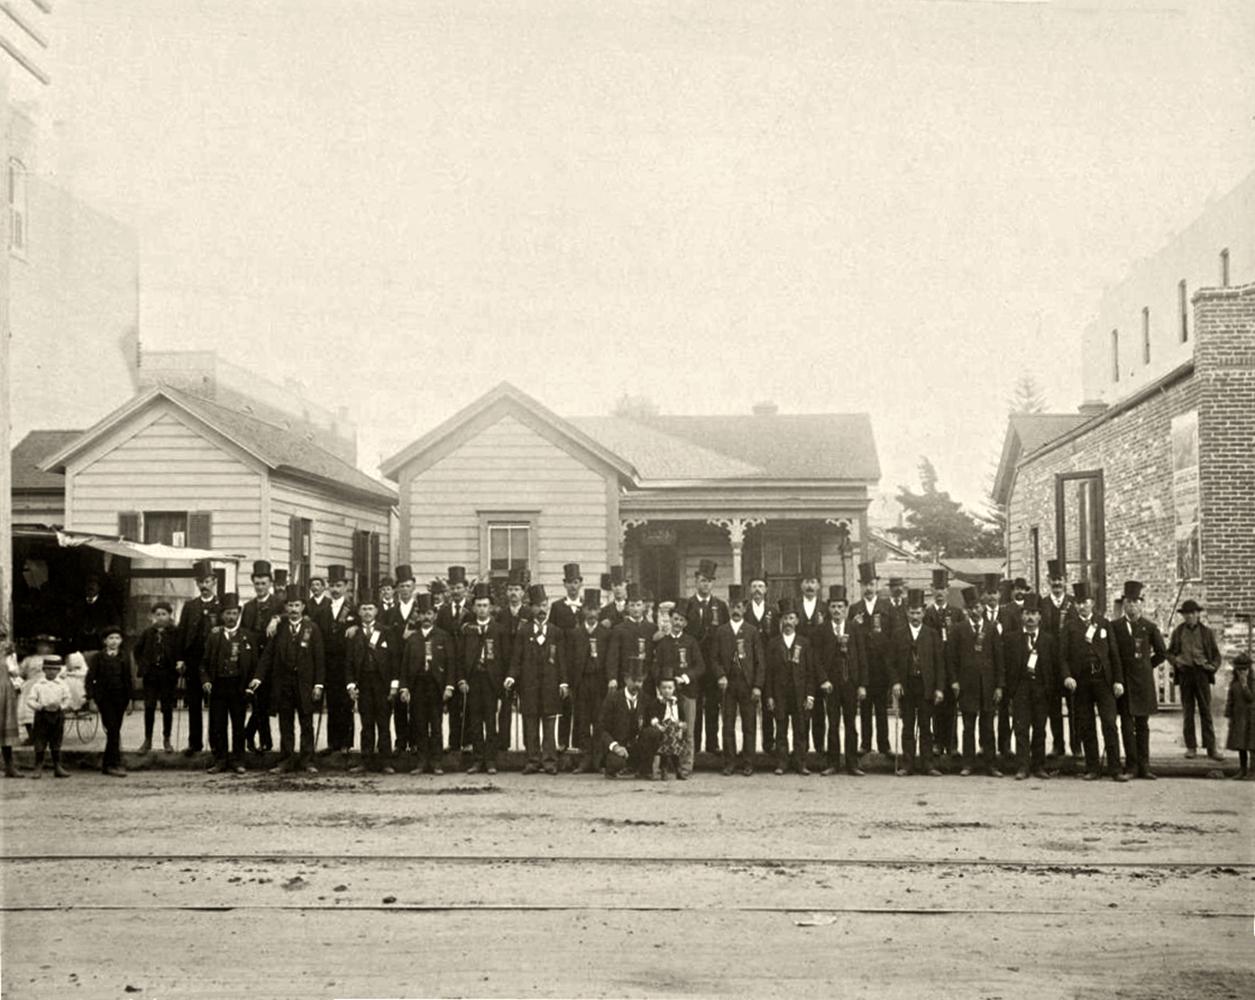 dapper gentlemen dtla 1890s